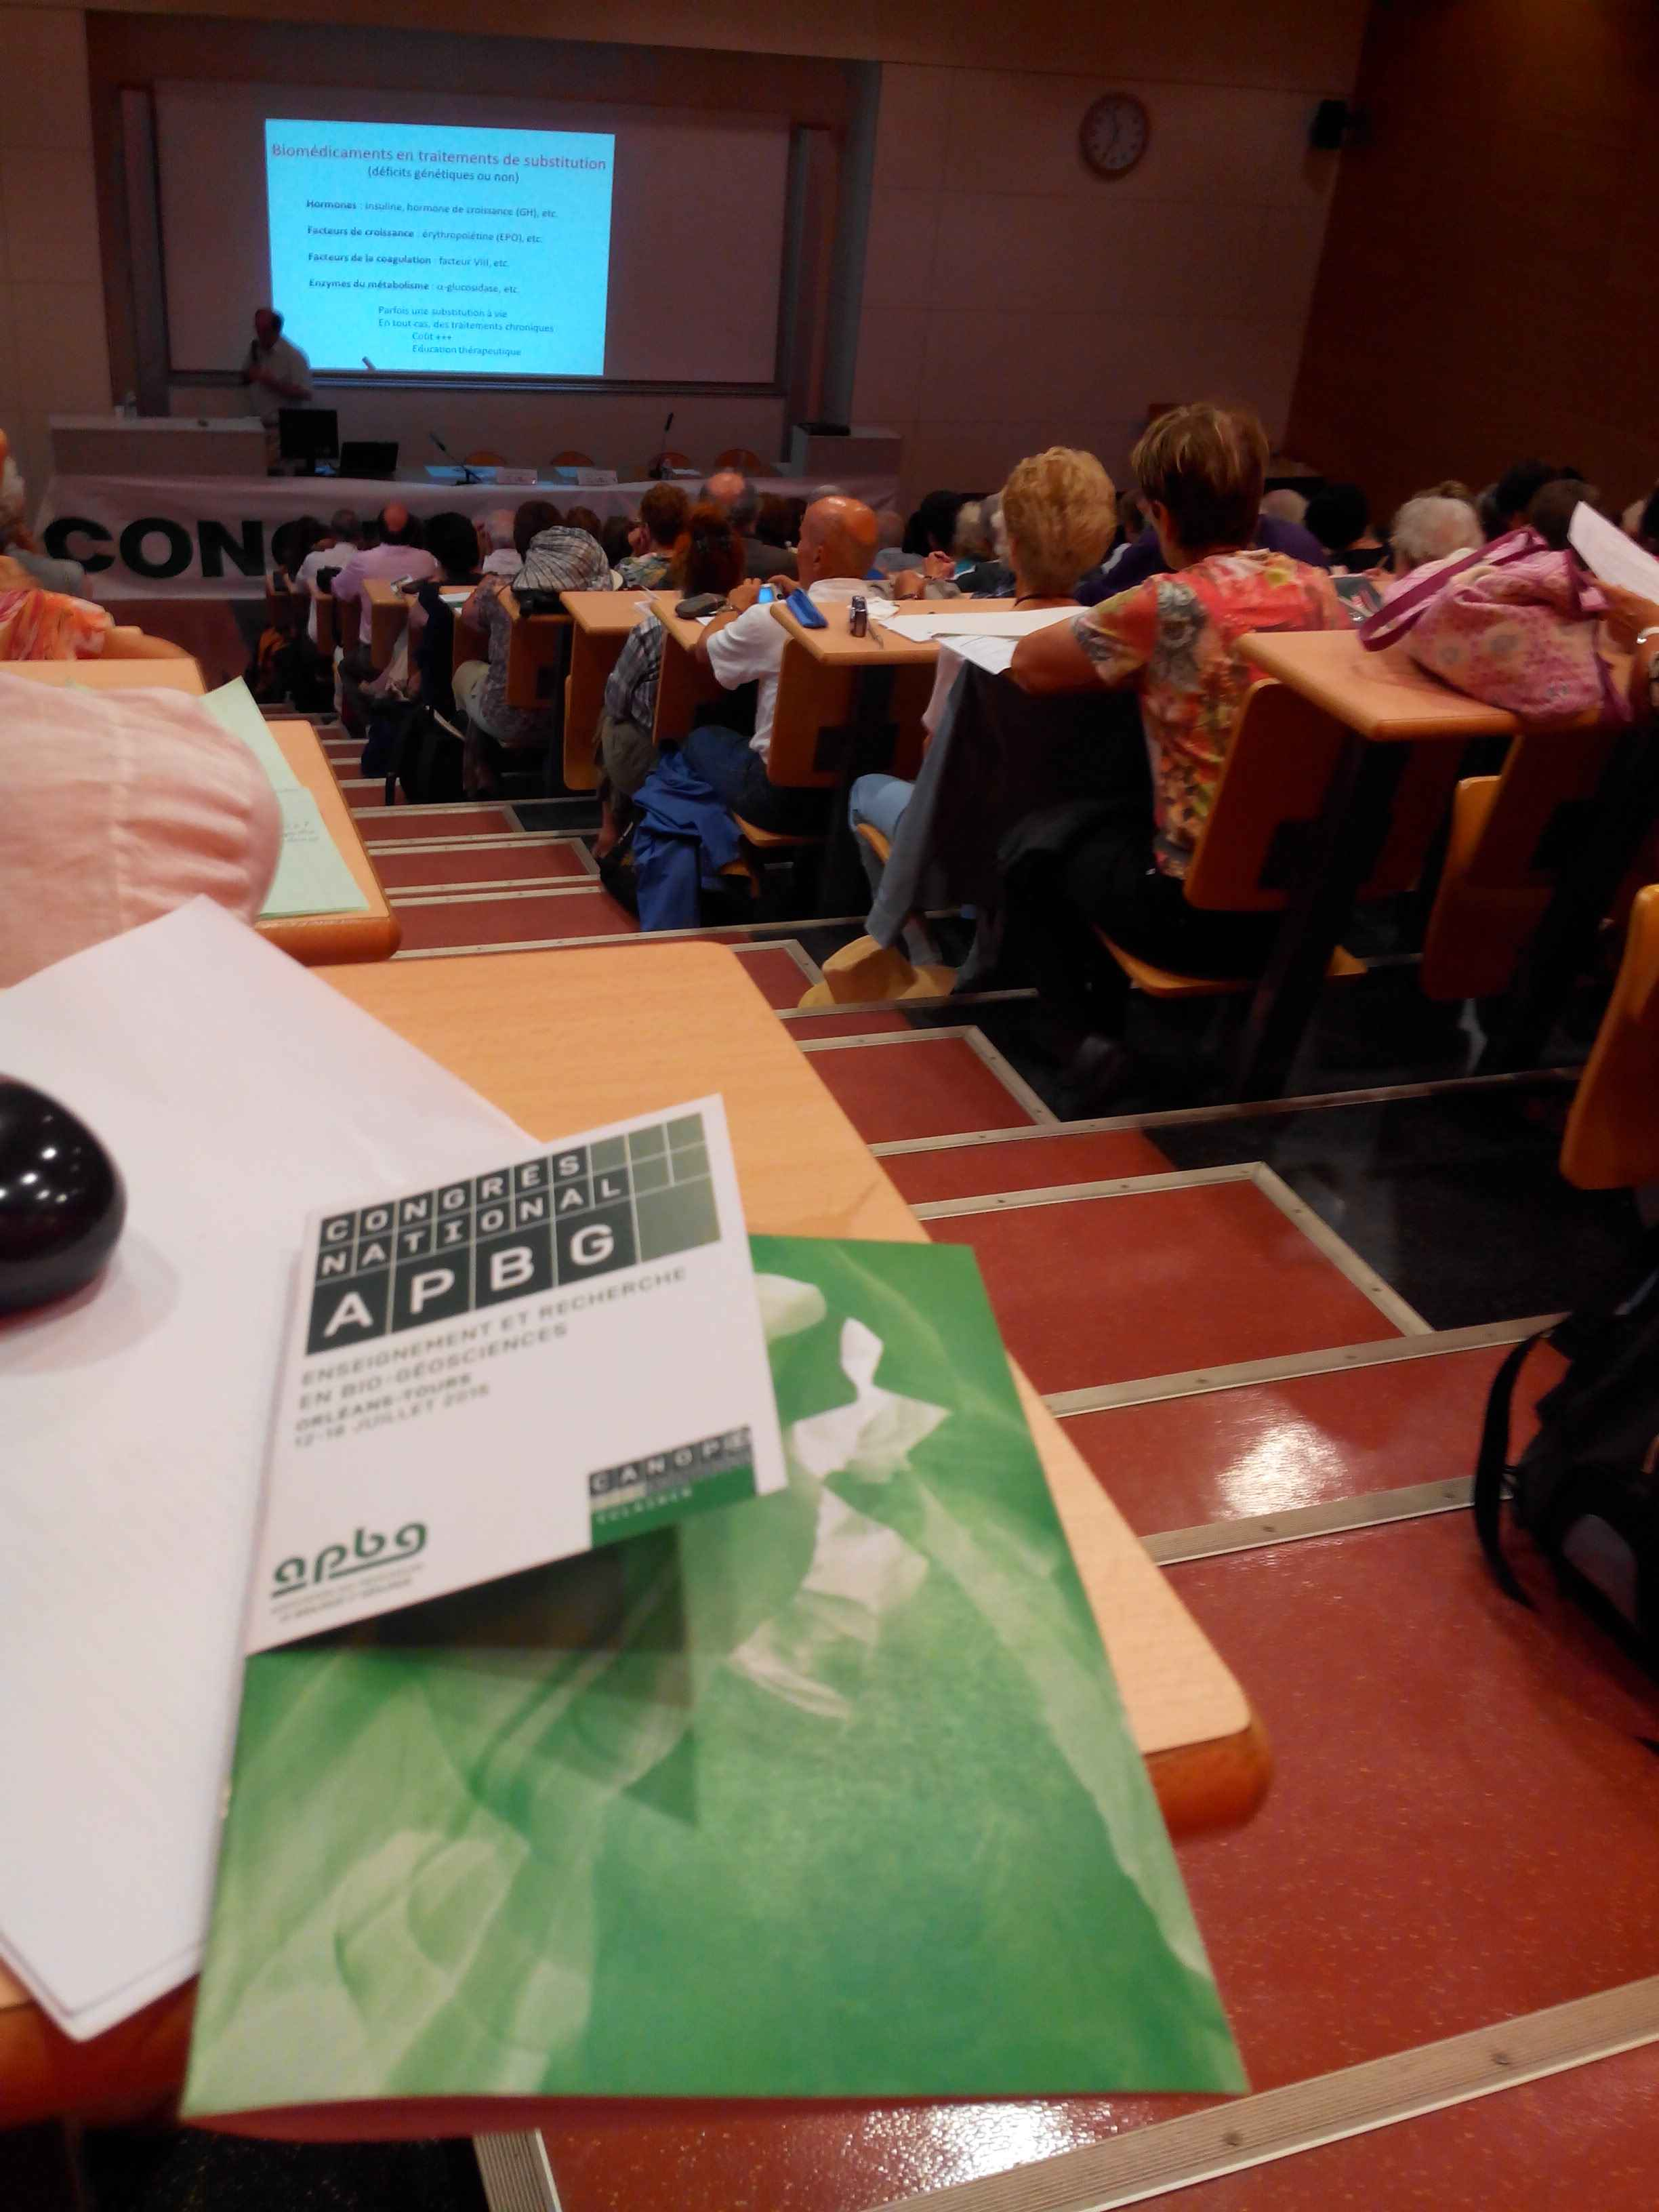 Congrès National de l'APBG